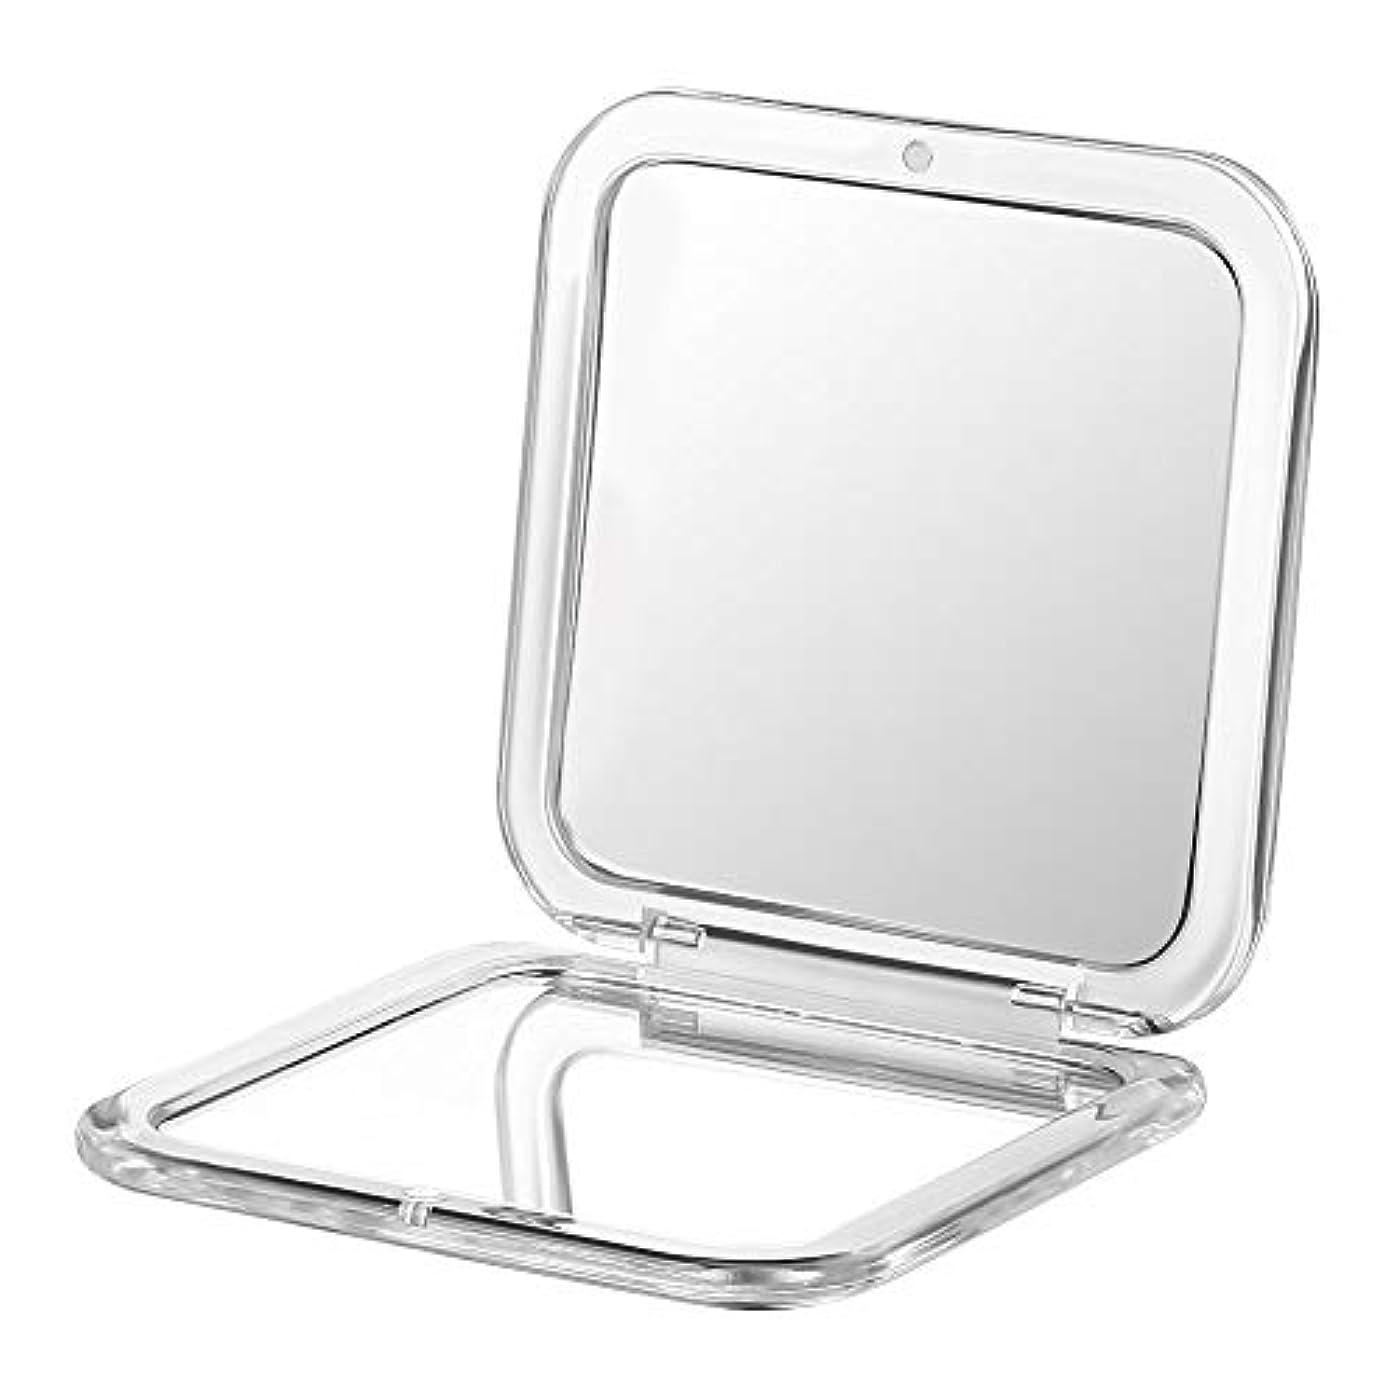 悪意のある槍集中コンパクト鏡 拡大鏡 両面コンパクトミラー 化粧鏡 卓上 鏡